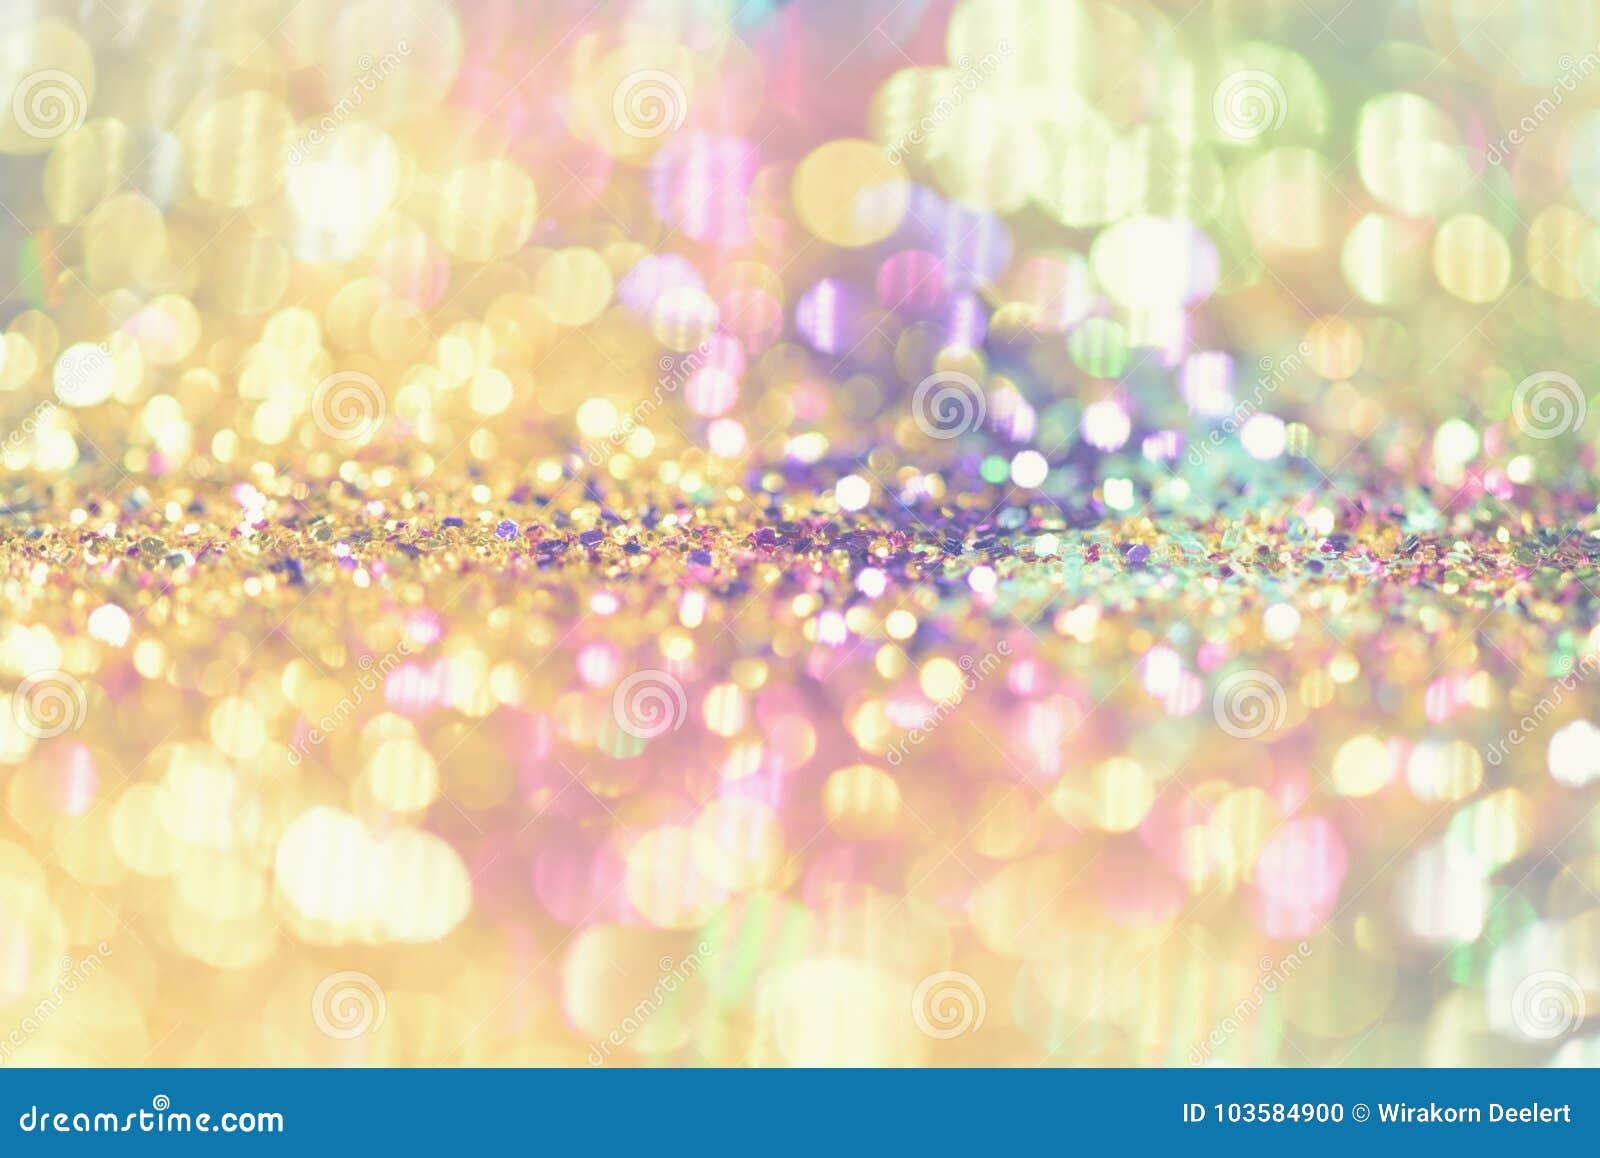 El bokeh Colorfull empañó el fondo abstracto para el cumpleaños, el aniversario, la boda, la Noche Vieja o la Navidad